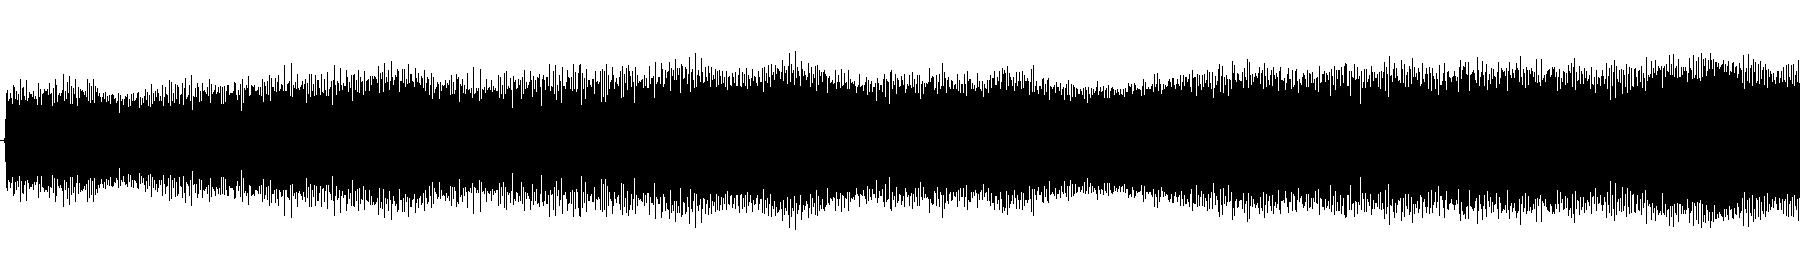 110 c analogfuzz sp 01